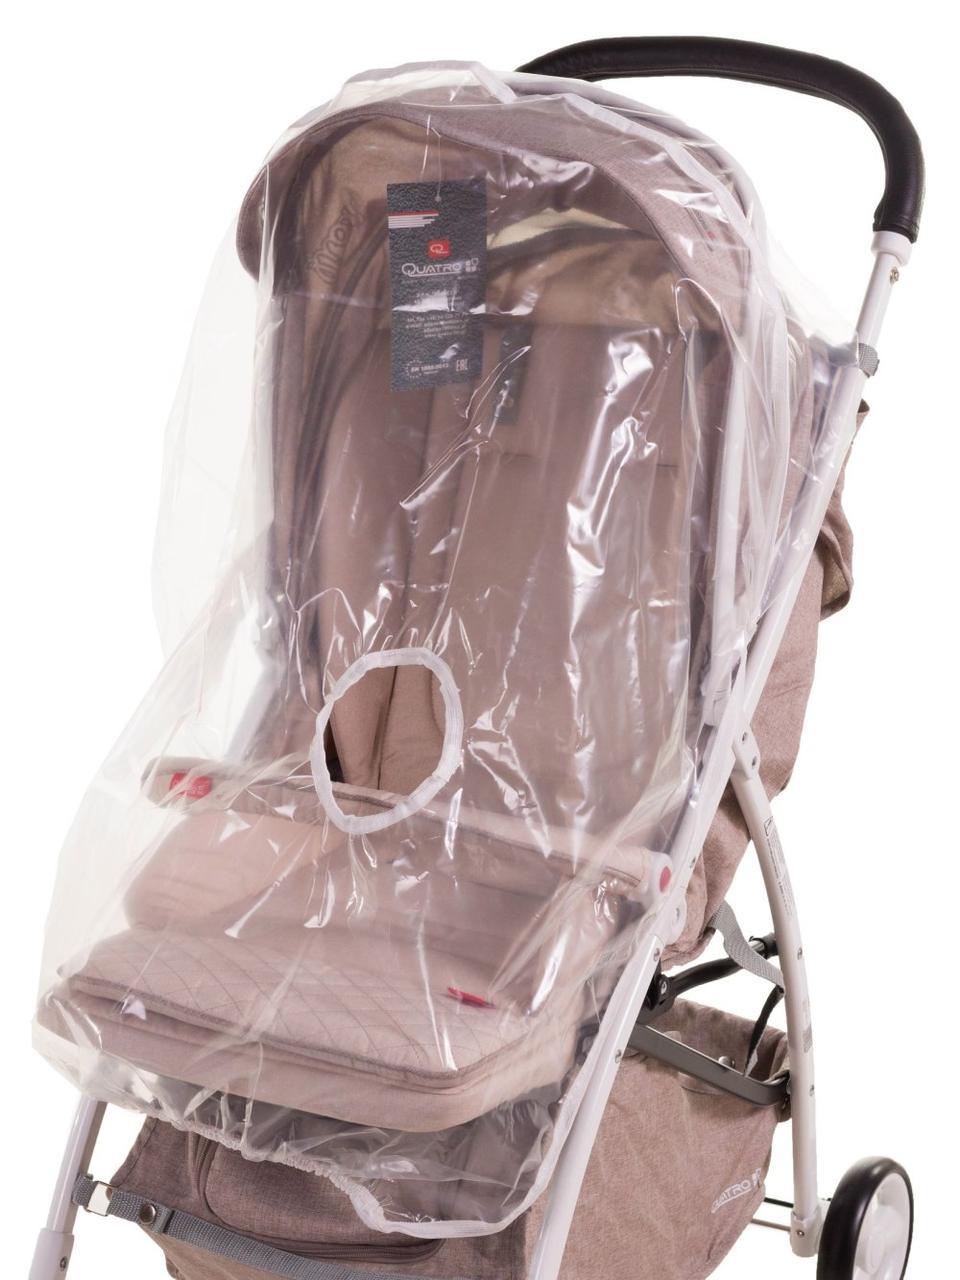 Дождевик для прогулочной коляски Qvatro DQS-1 клеёнка, маленький